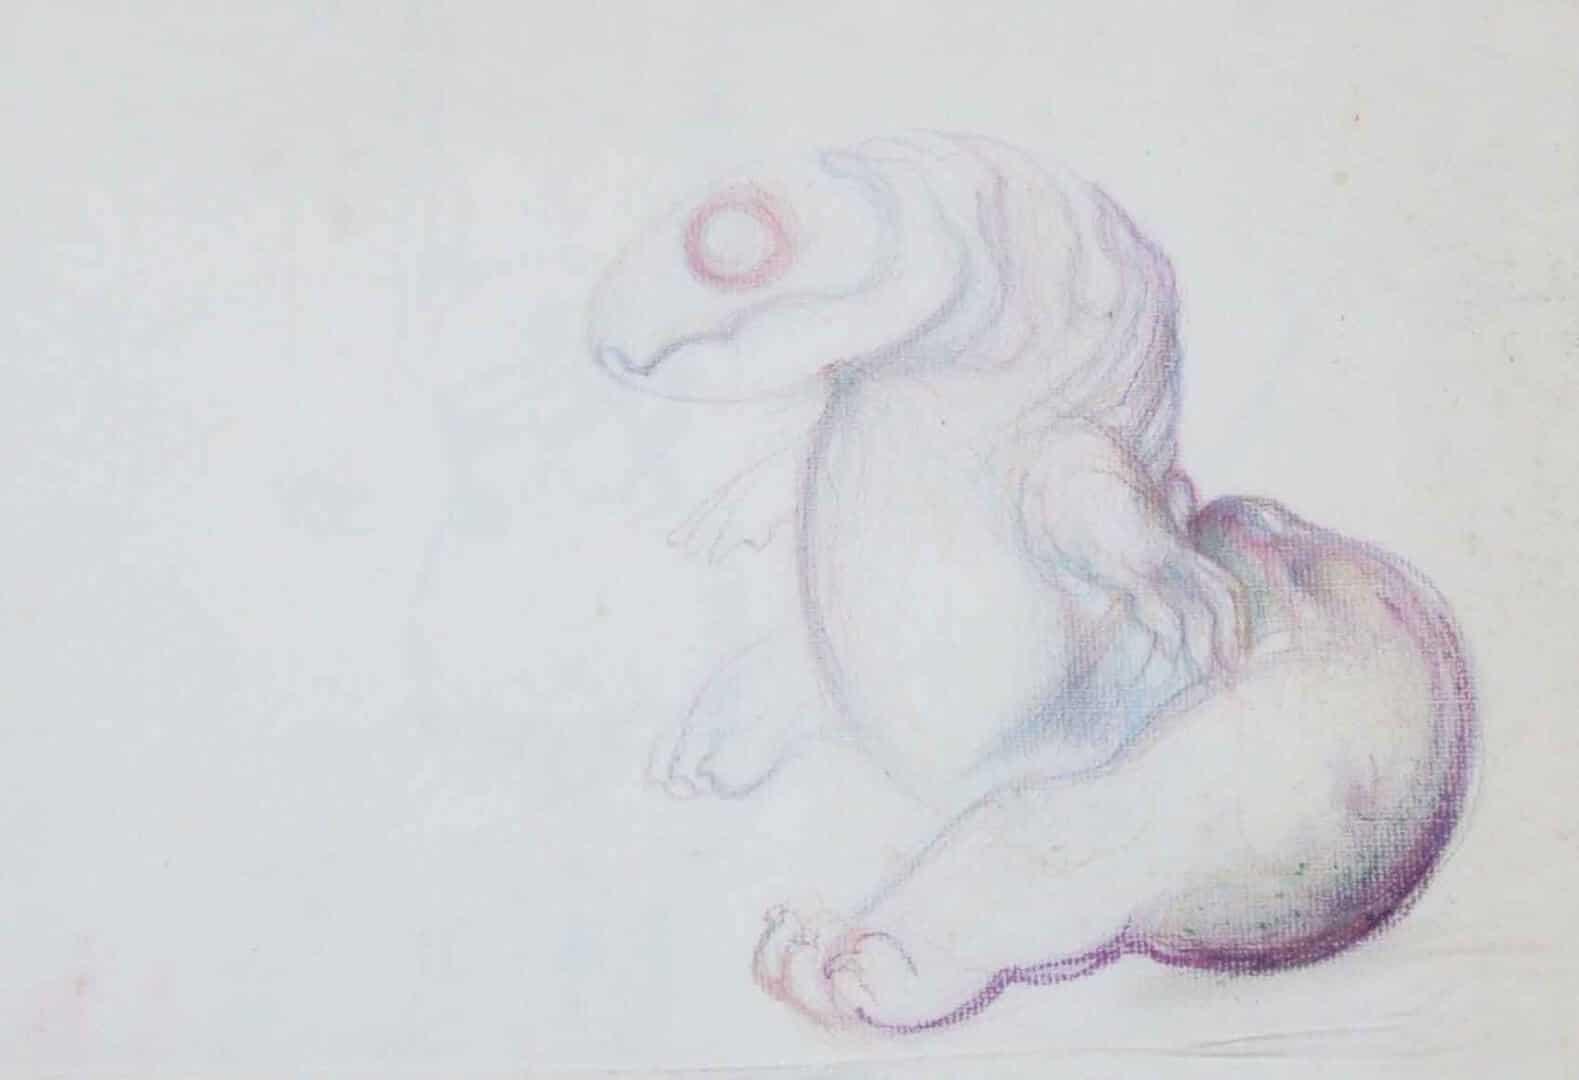 Larve au repos © David Noir | Dessins, peintures, collages